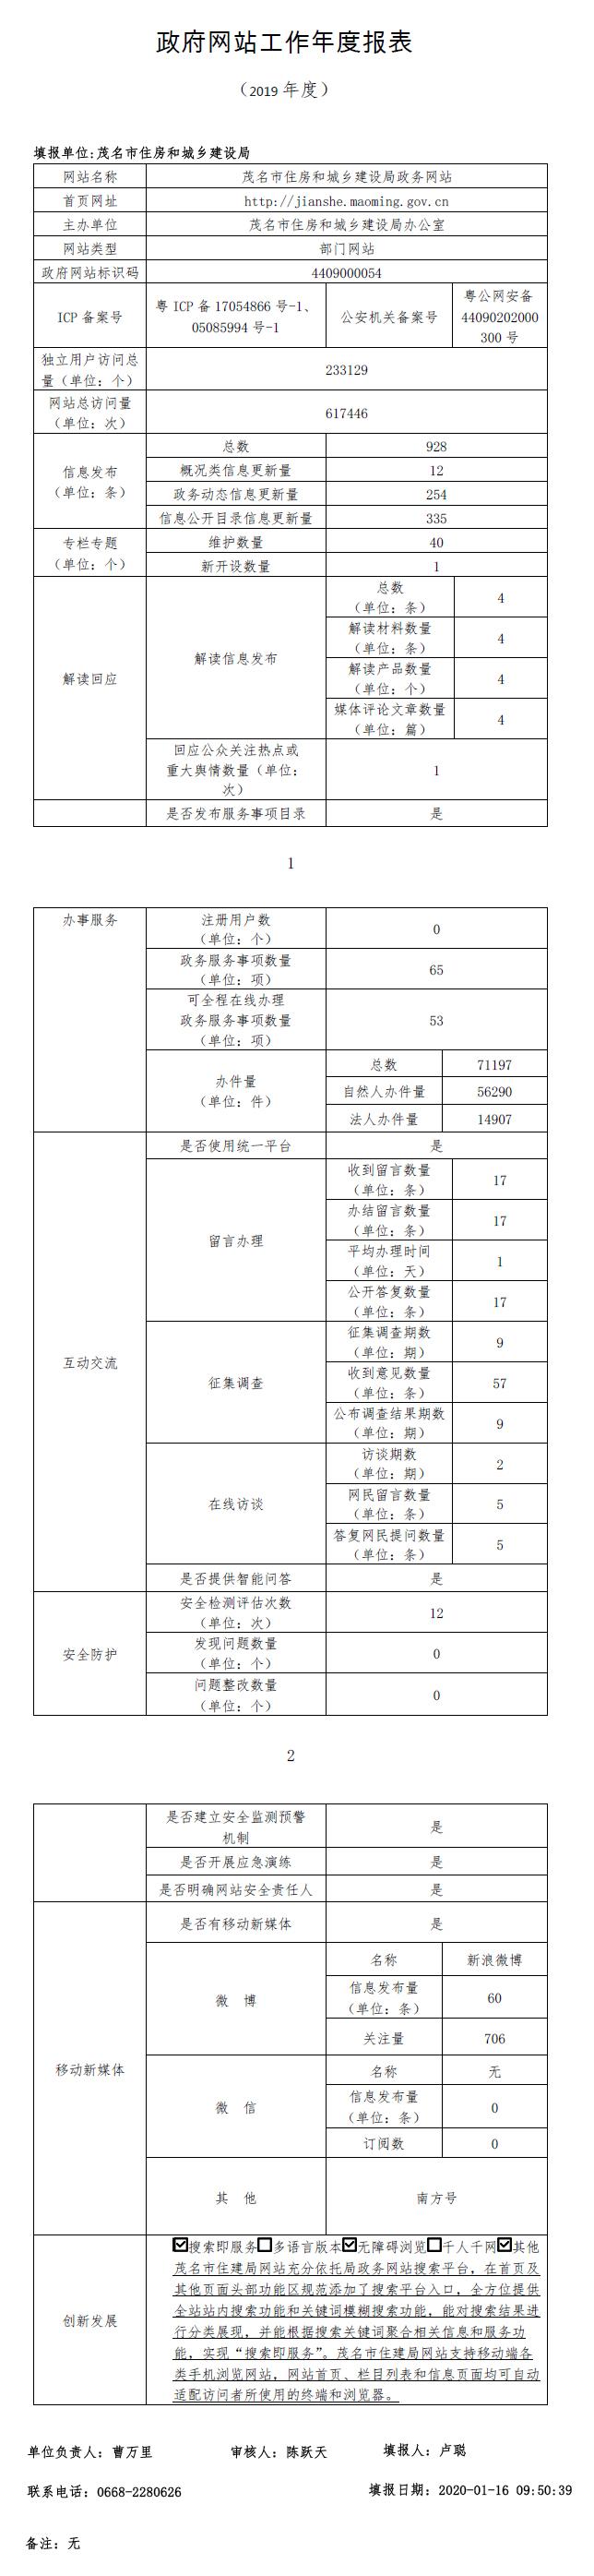 茂名市住房和城乡建设局政府网站工作年度报表(2019年).jpg